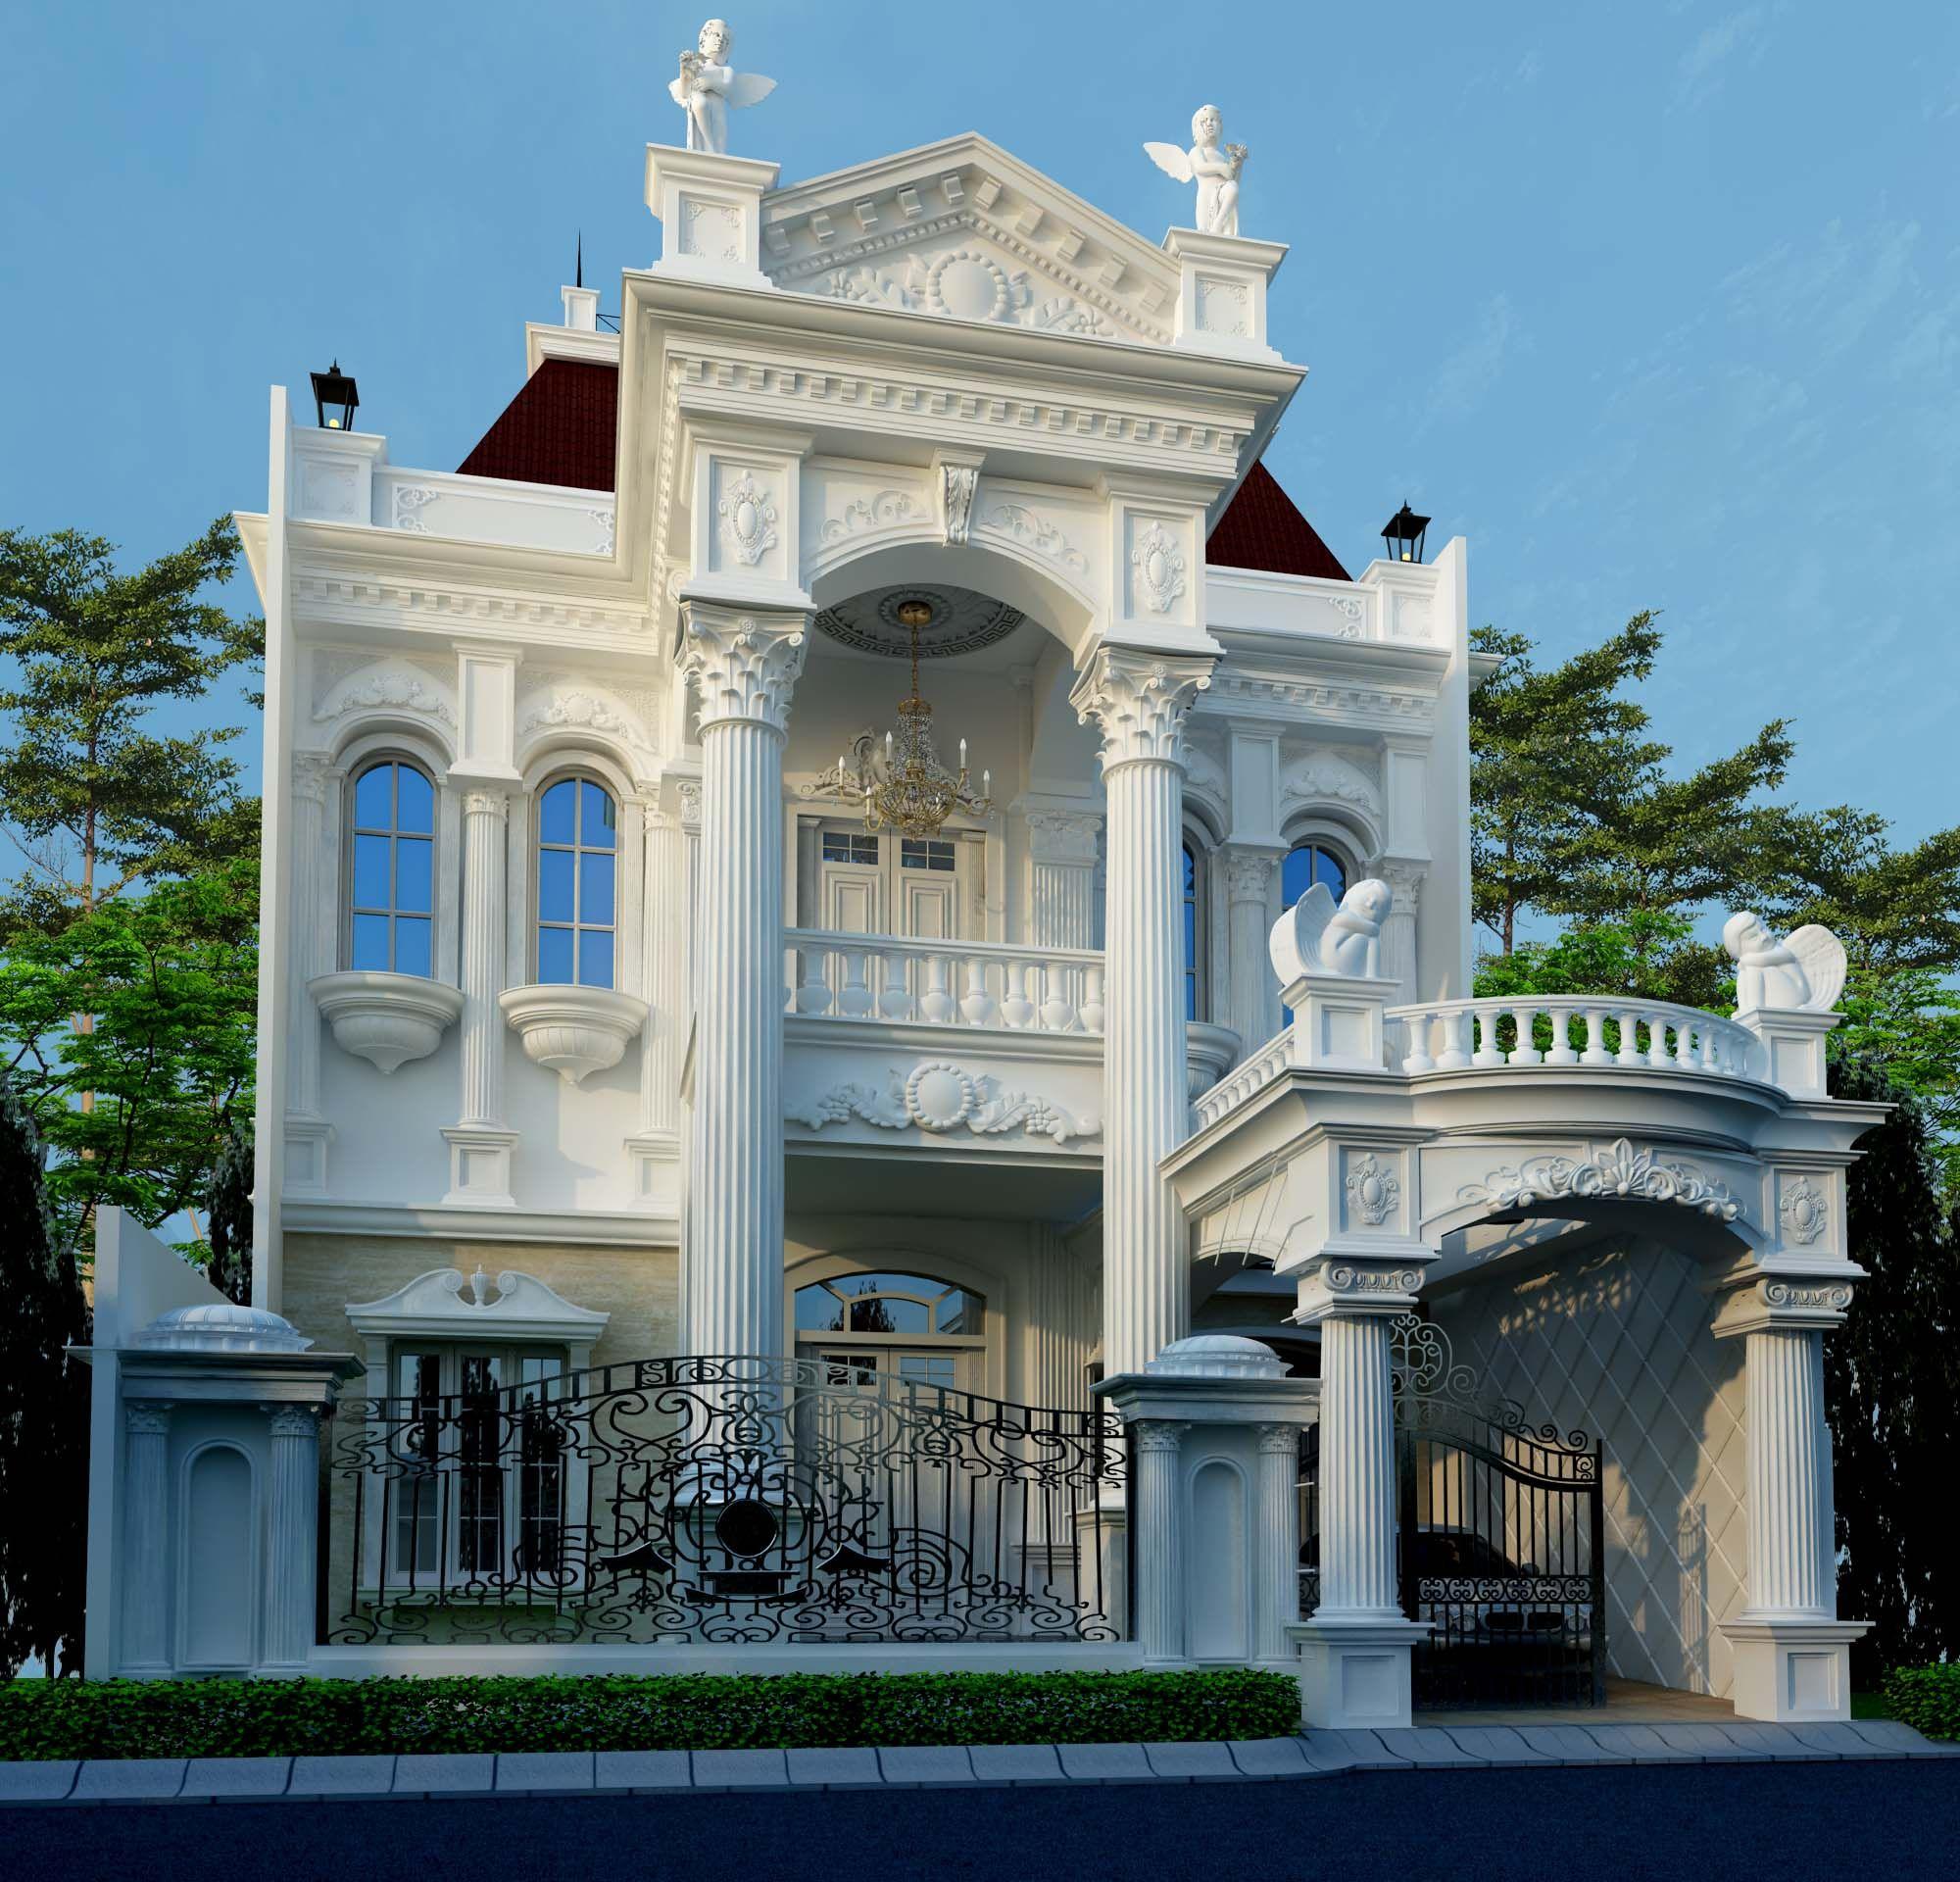 Classic Villa Exterior Design - Google Search